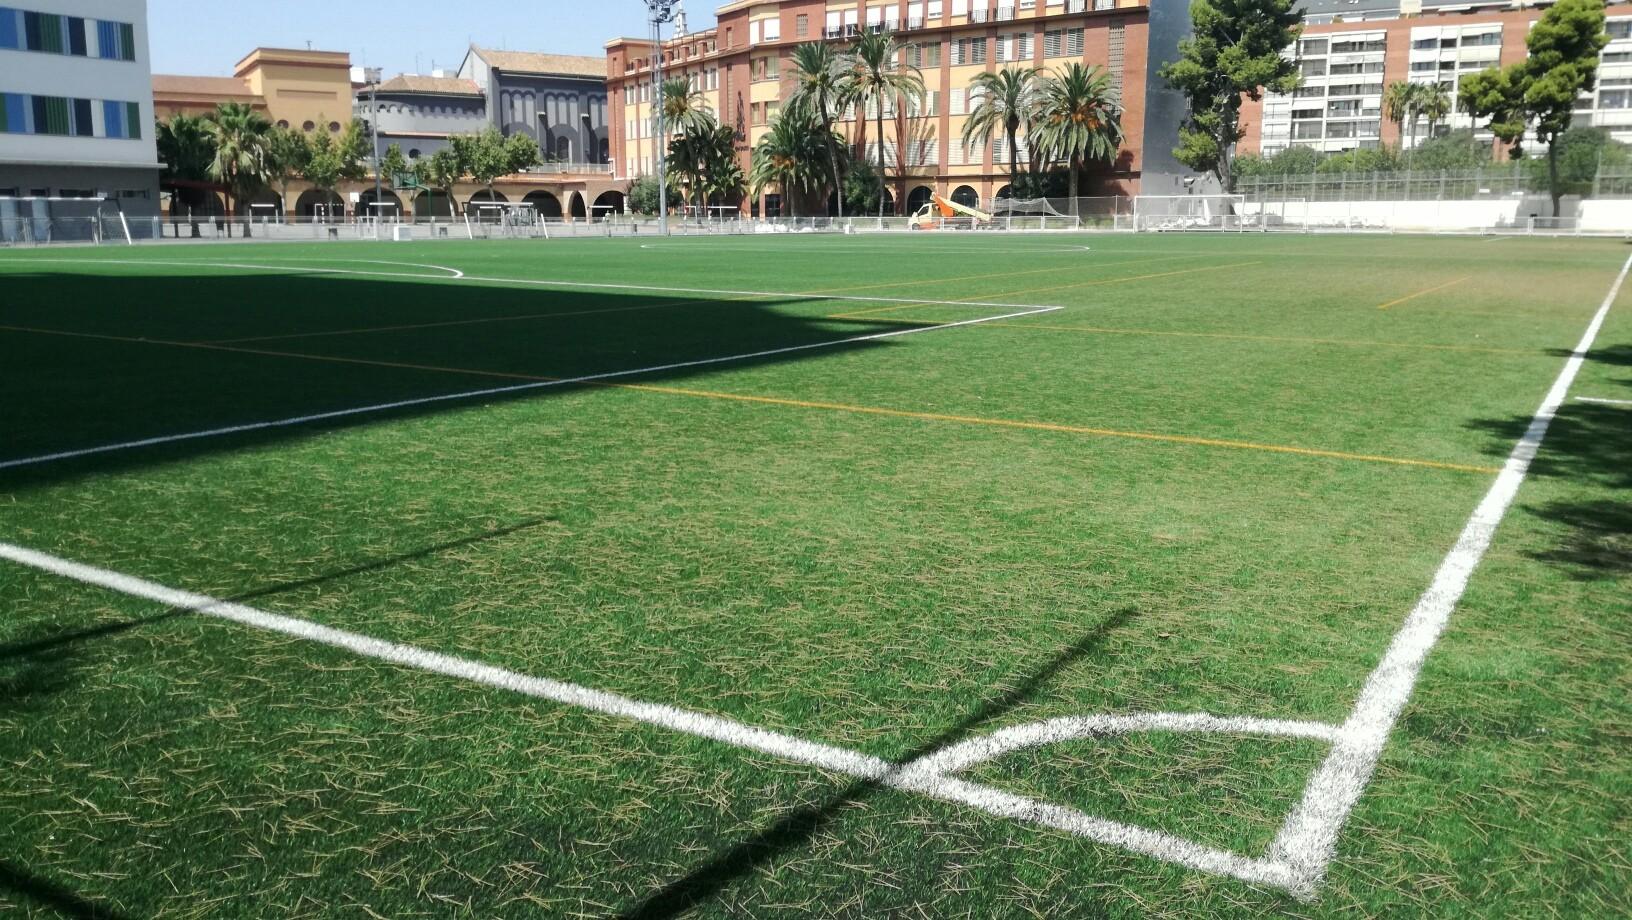 Durante este verano, el Colegio San Juan Bosco (Salesianos) de Valencia también ha equipado con césped Mondo el campo de fútbol 11.